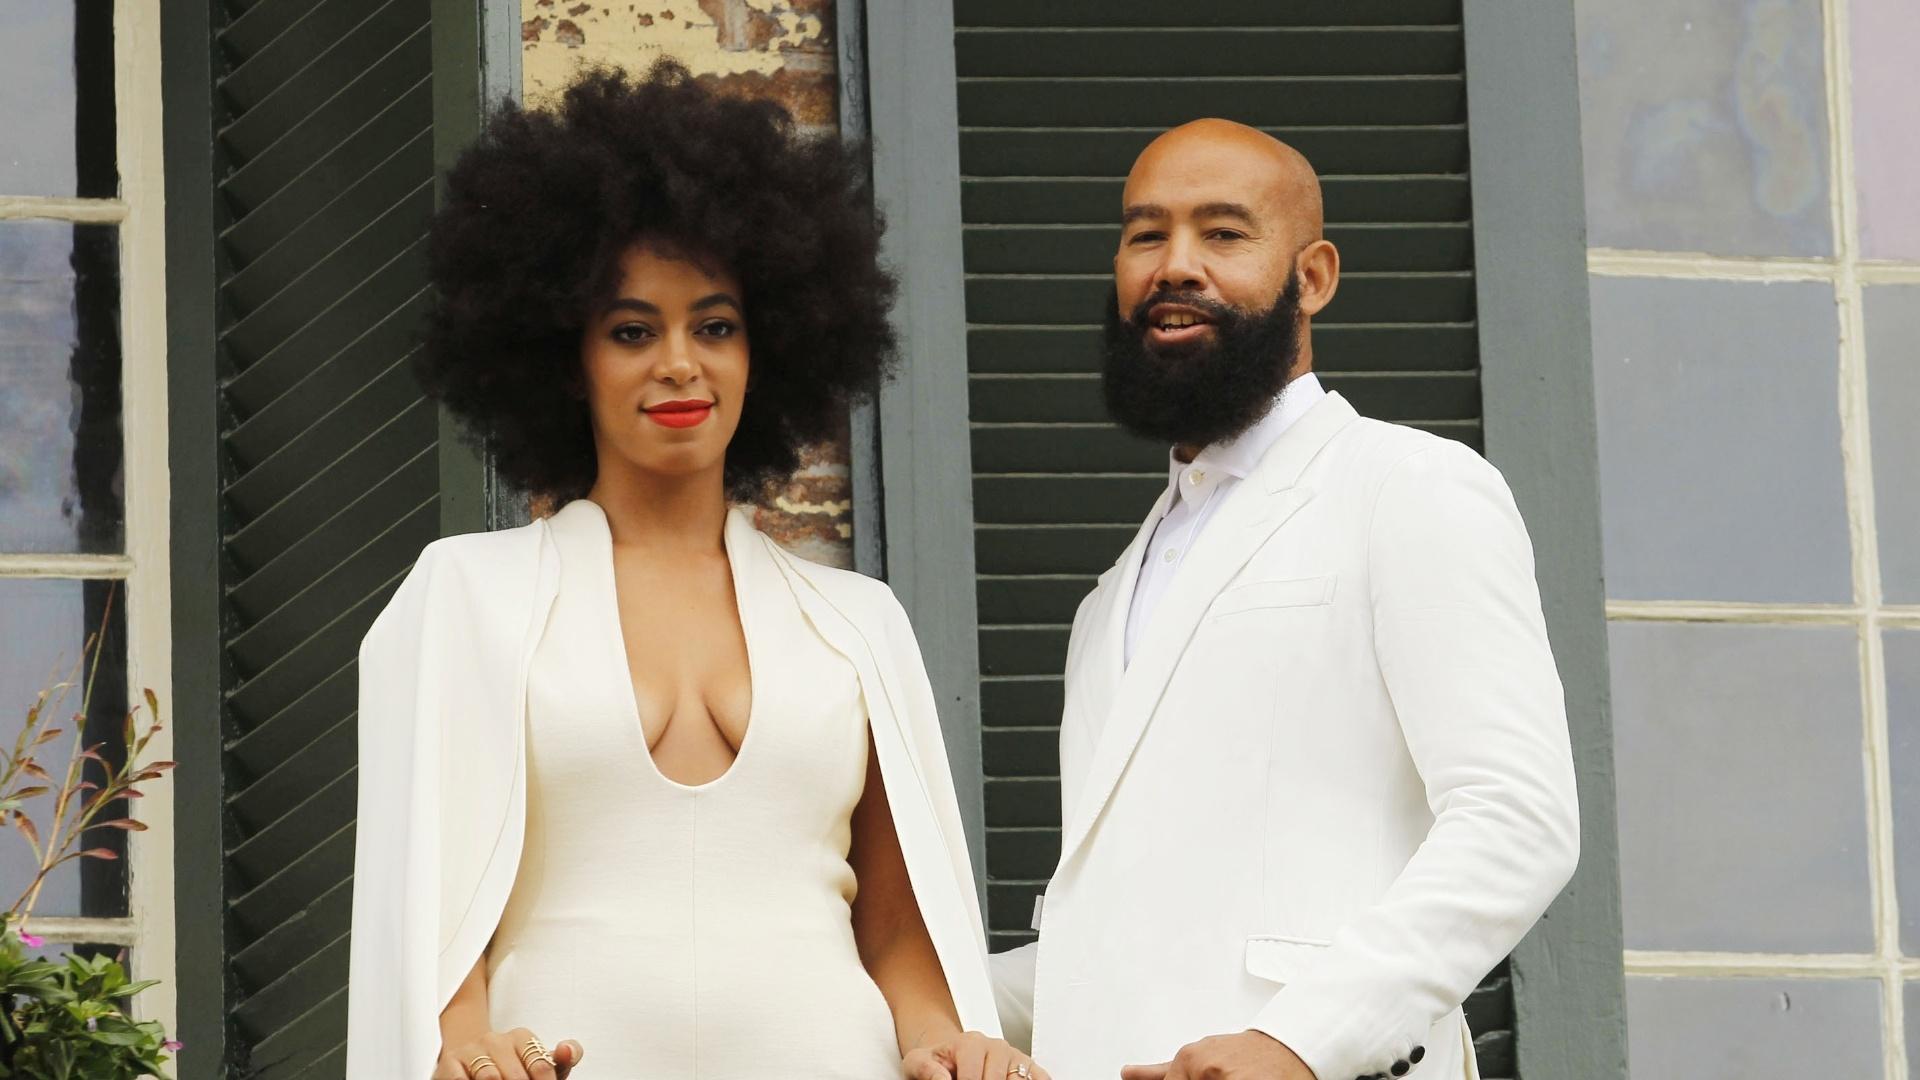 16.nov.2014 - A cantora Solange Knowles e o diretor Alan Ferguson posam em sacada de prédio antes de oficializarem a união, em Nova Orleans